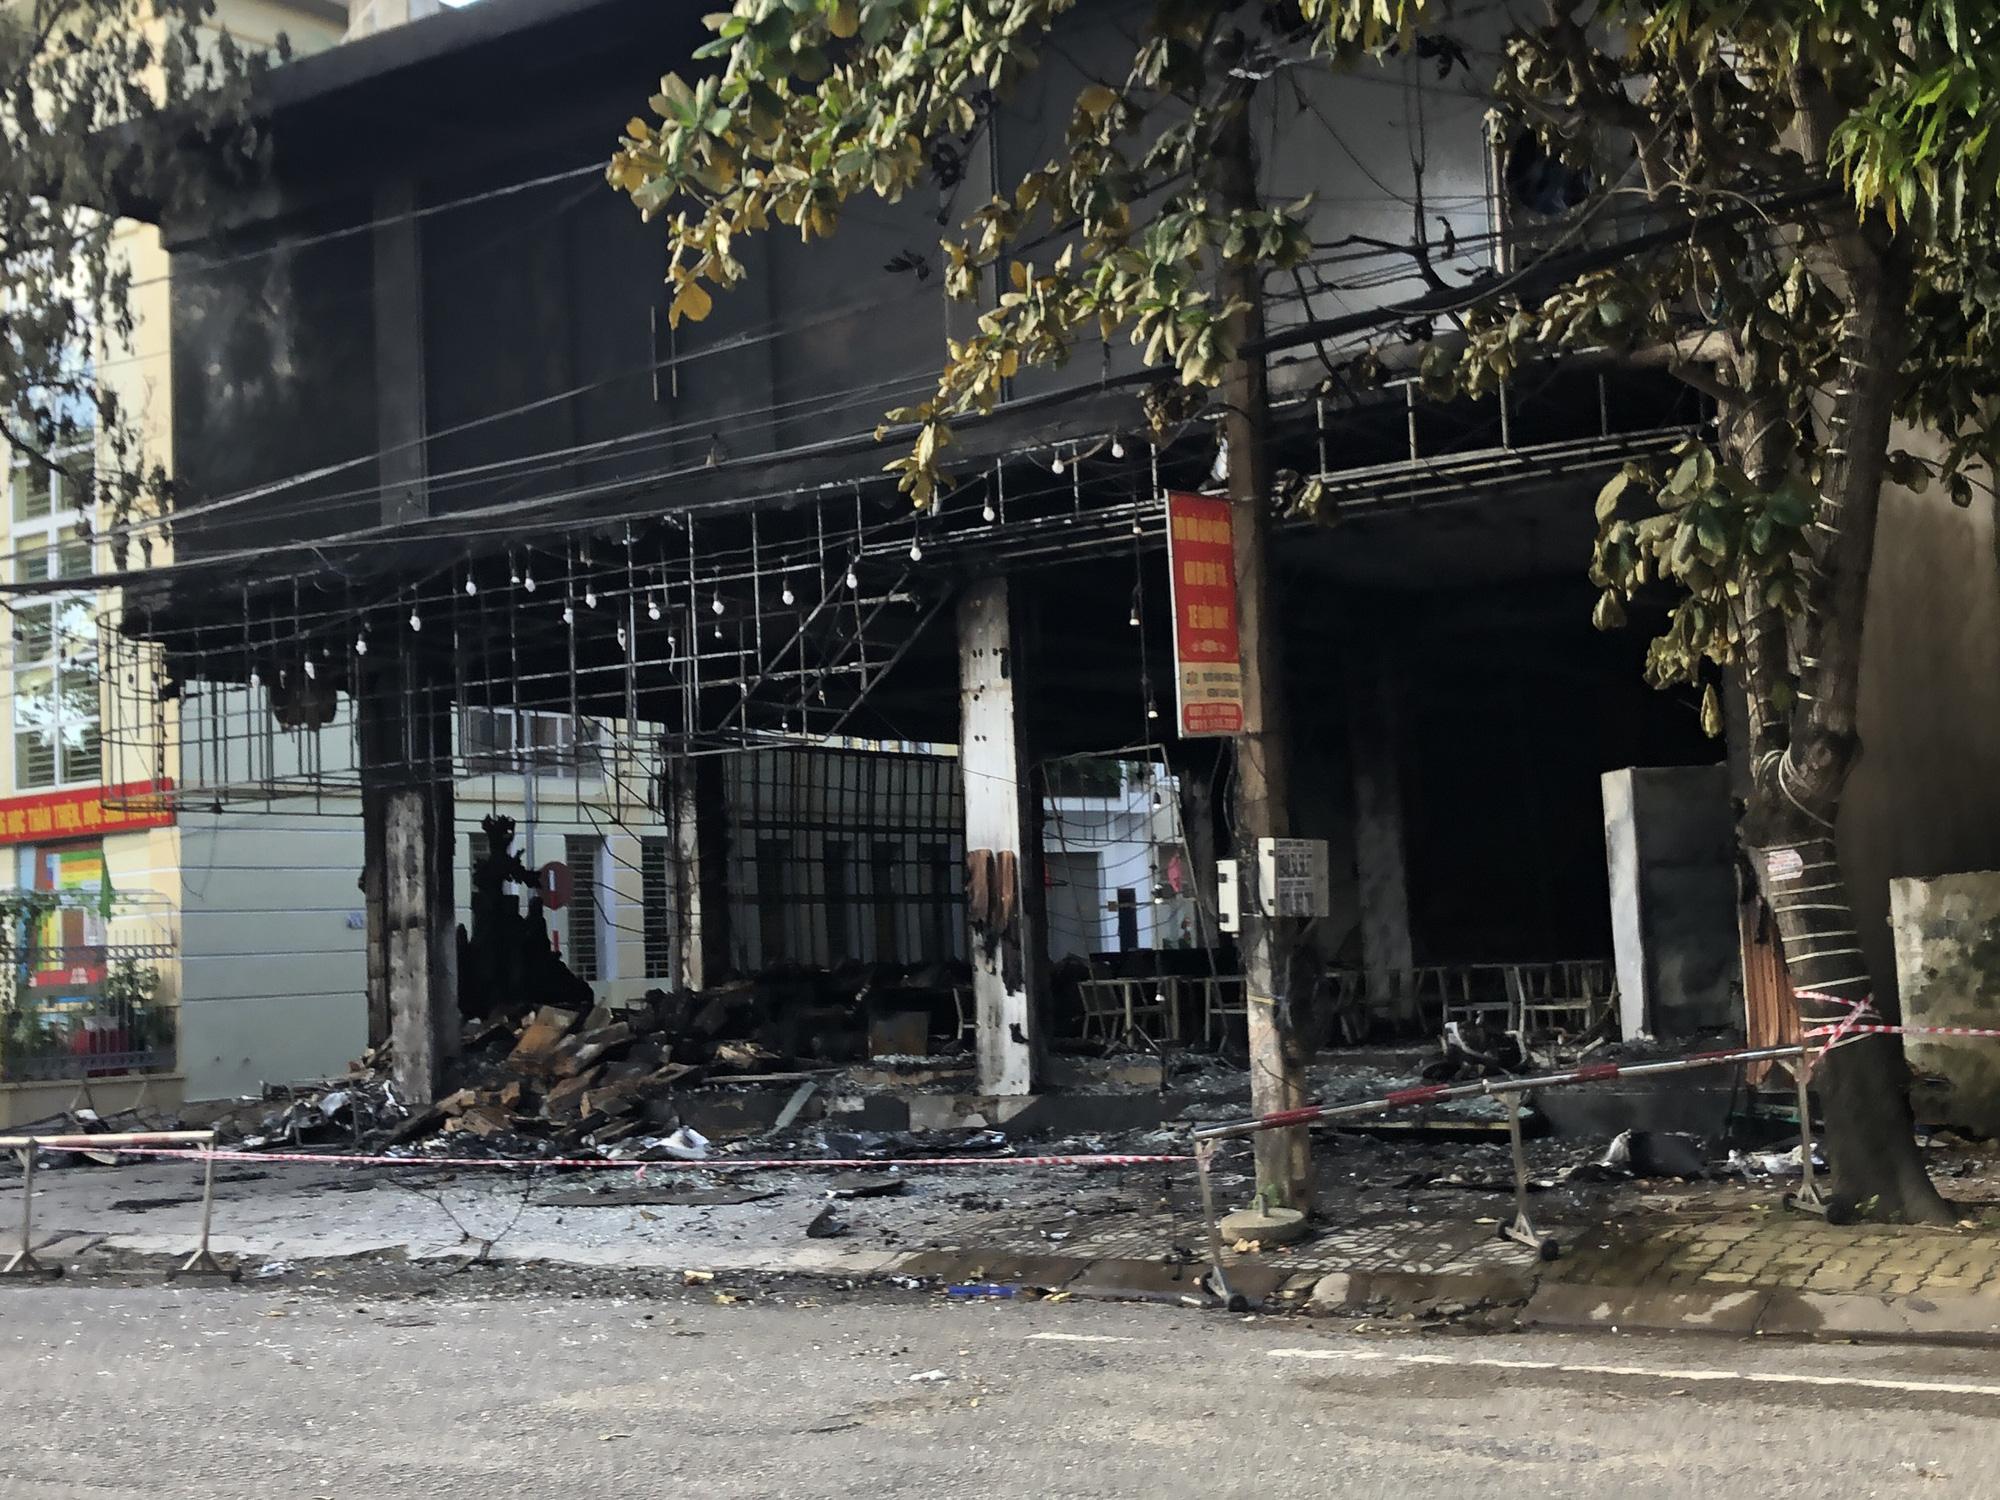 Hiện trường cháy phòng trà 6 người thương vong ở TP. Vinh - Ảnh 2.